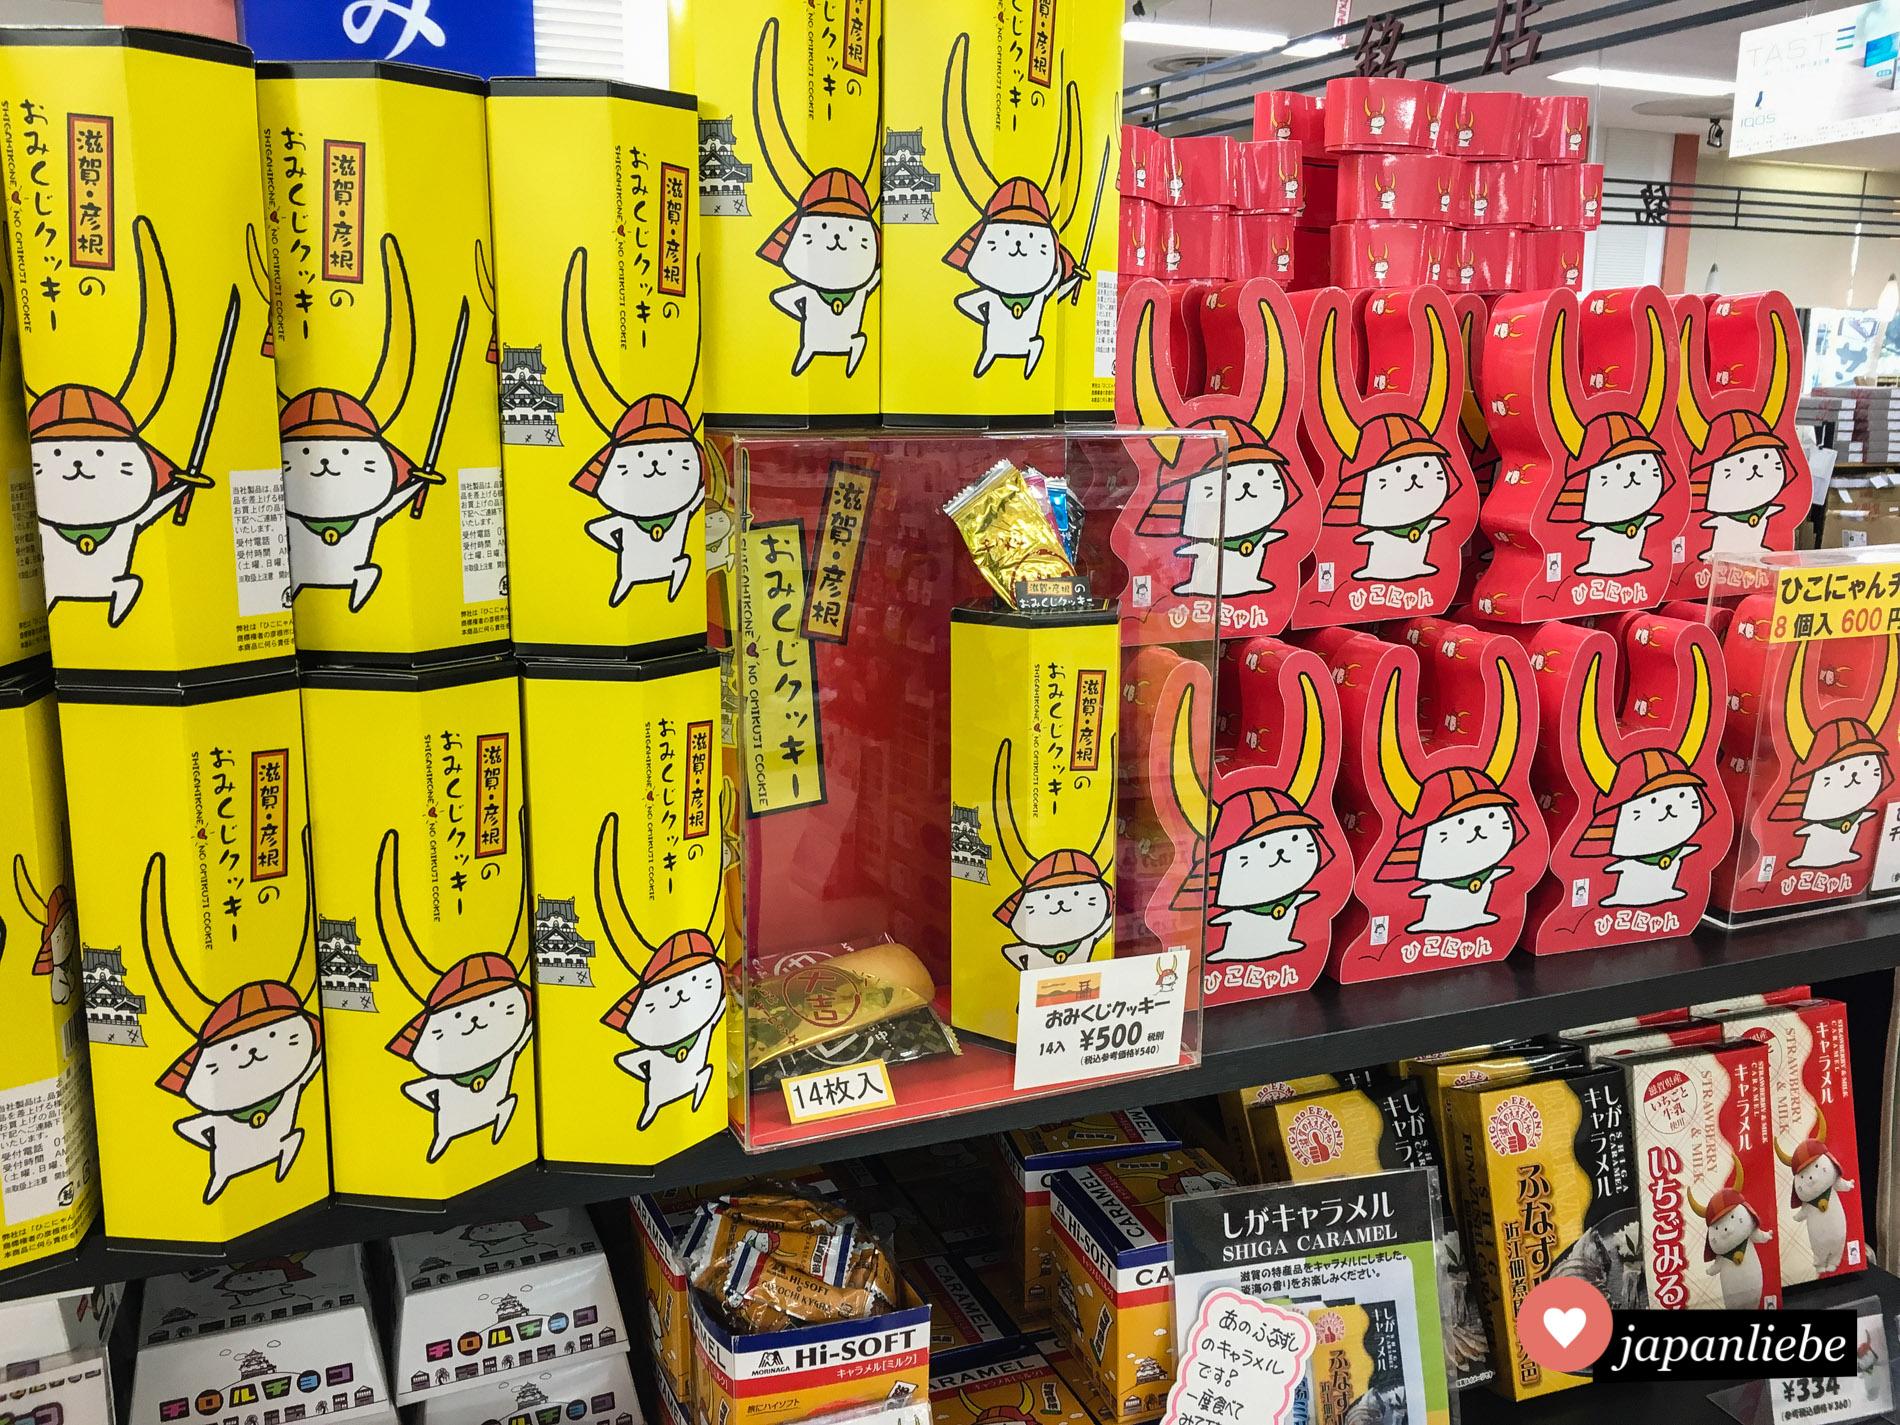 Mitbringsel sind in Japan Pflicht. Aus Hikone am liebsten im Hikonyan-Design.